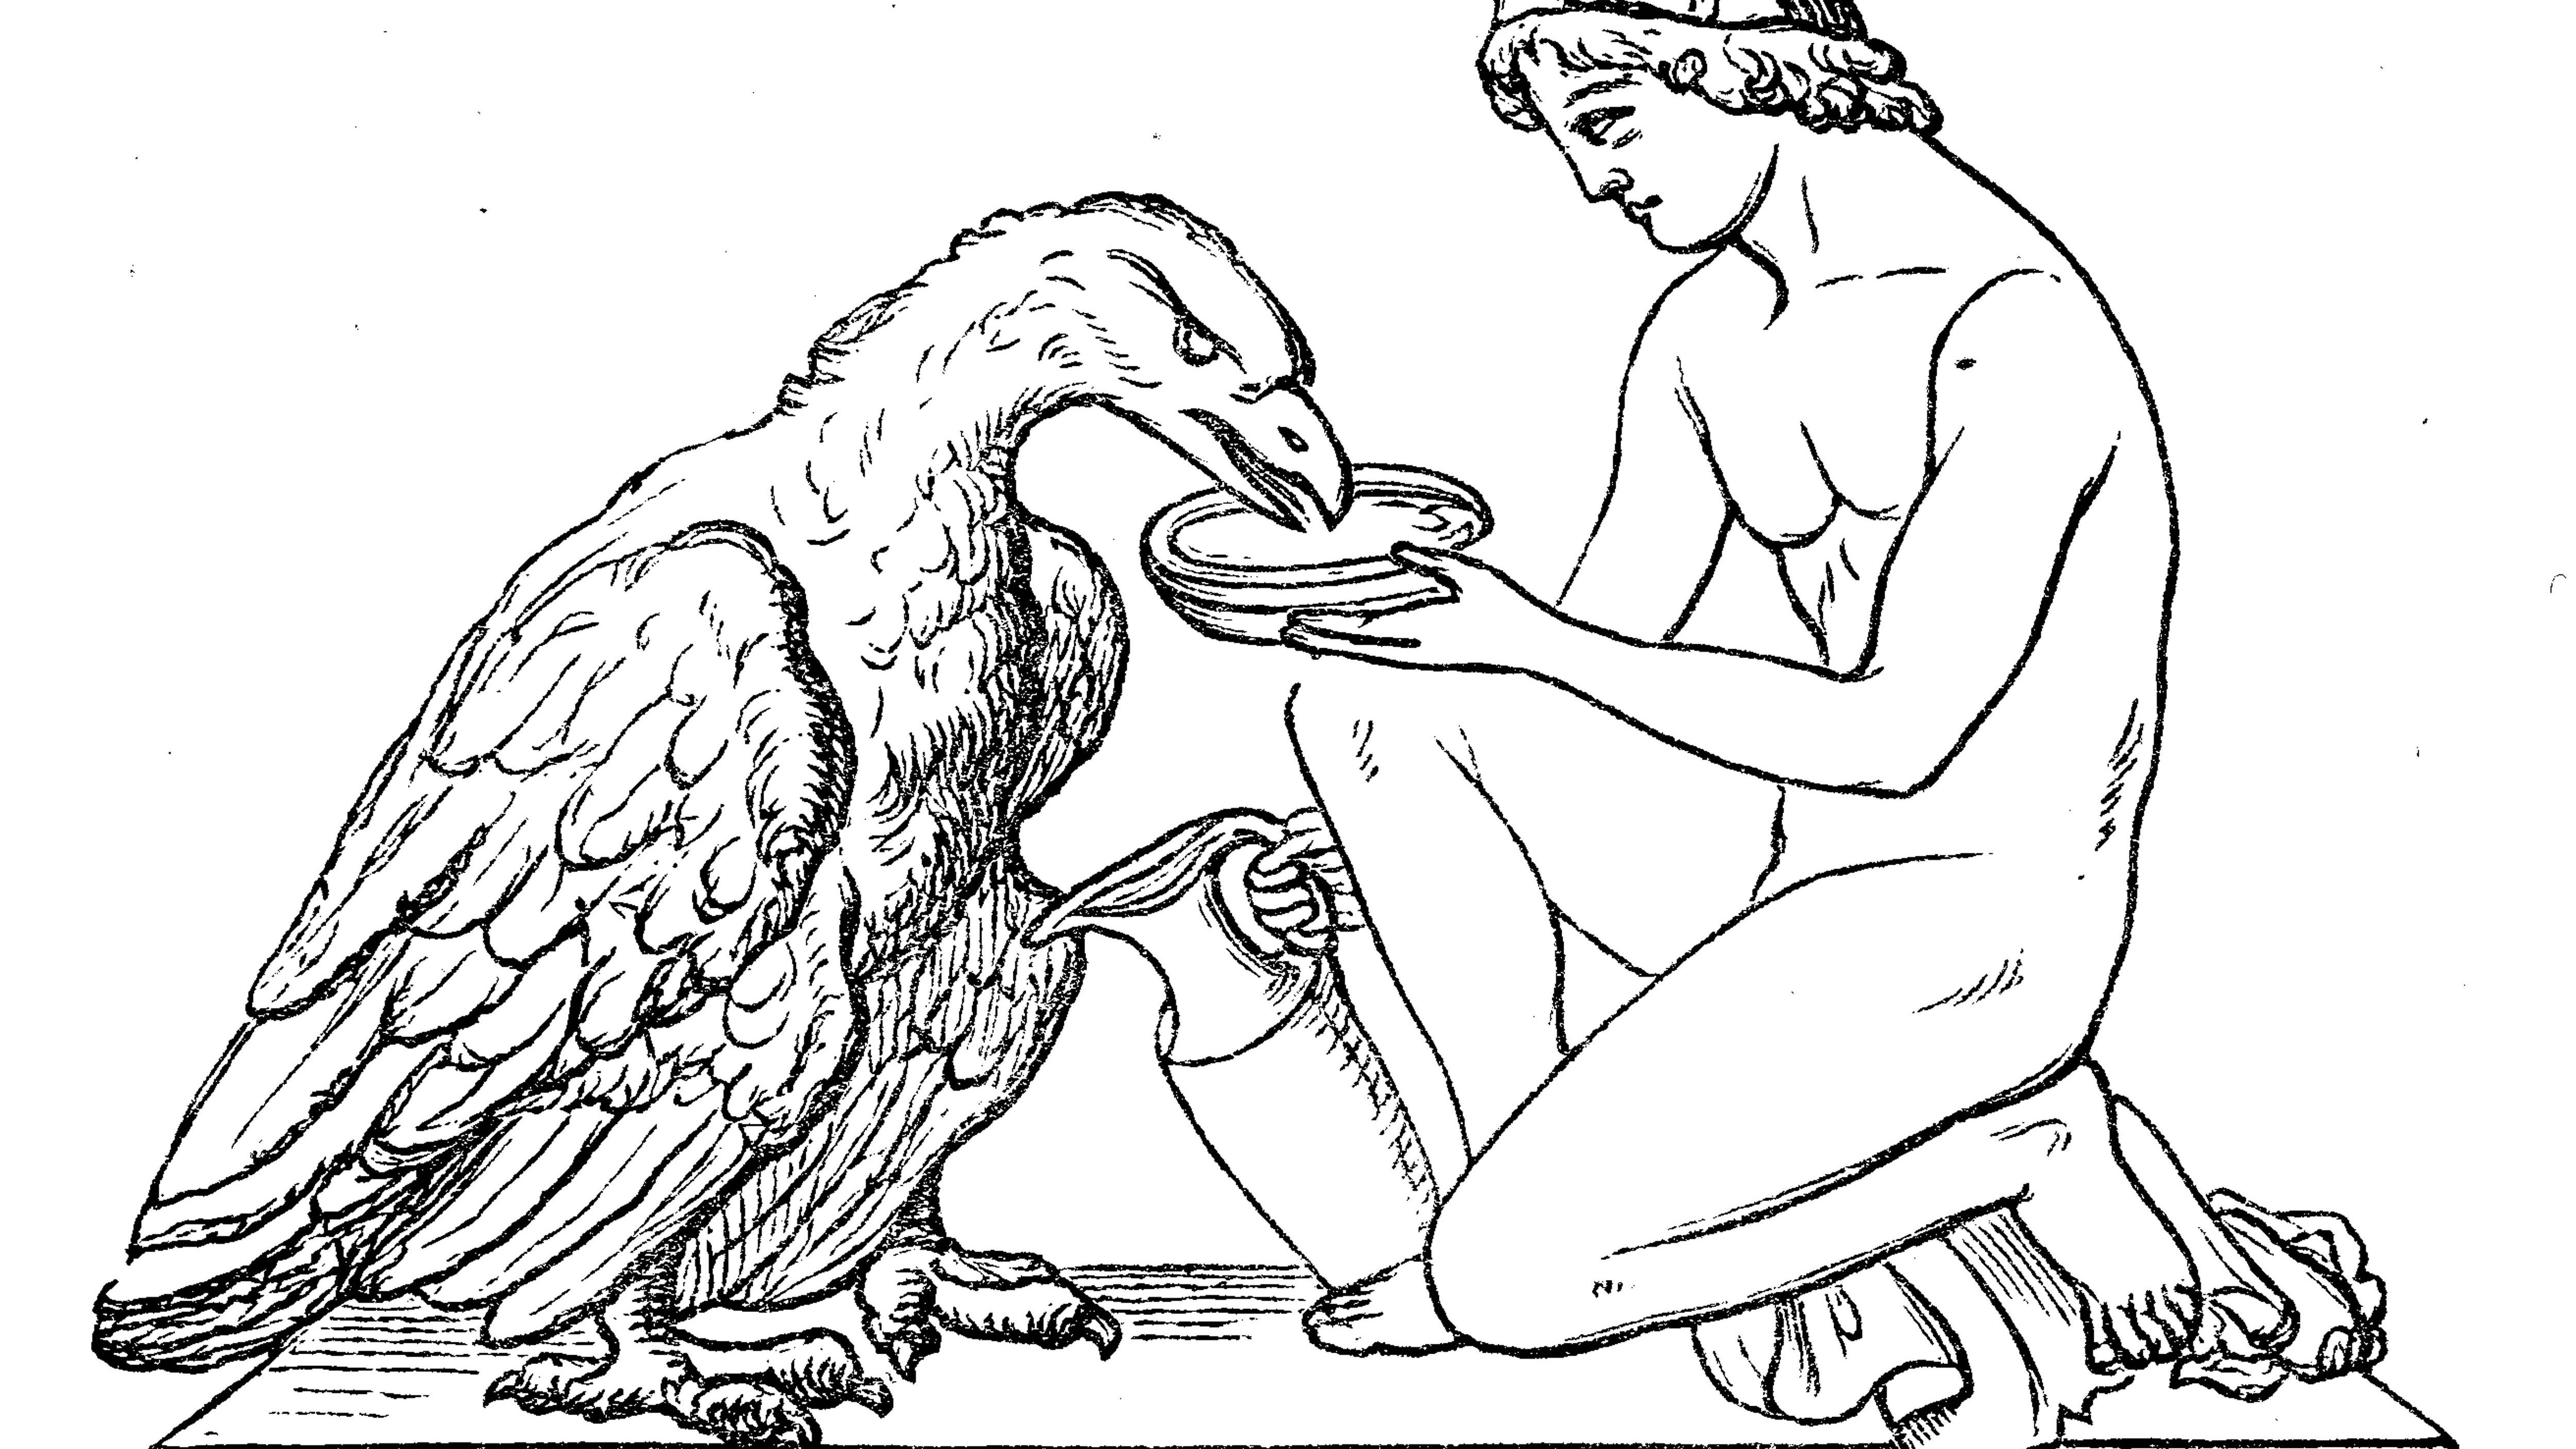 In der Griechischen Mythologie, zum Beisppiel in der Geschichte Ganymedes, hat der Adler eine besondere Bedeutung.